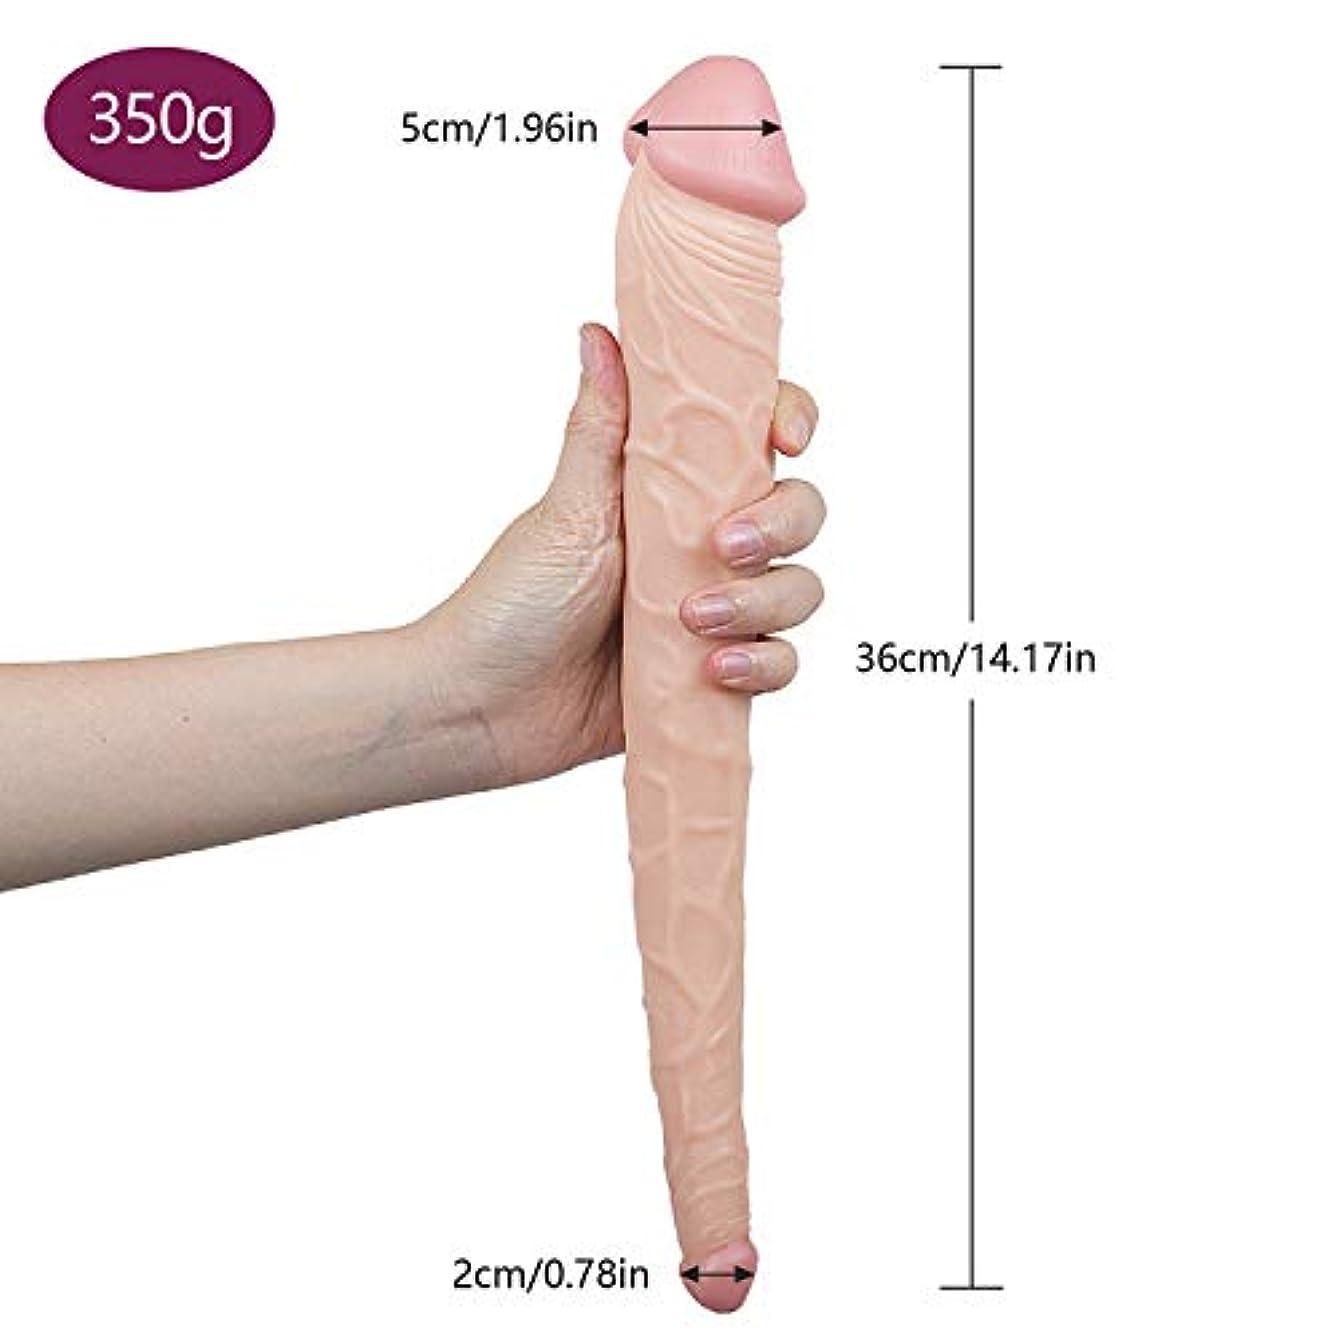 まとめる定期的カイウスペニス 14.17インチの完全なサイズの完全なボディマッサージャーの二重頭の側面のマッサージャーのおもちゃ マッサージャー